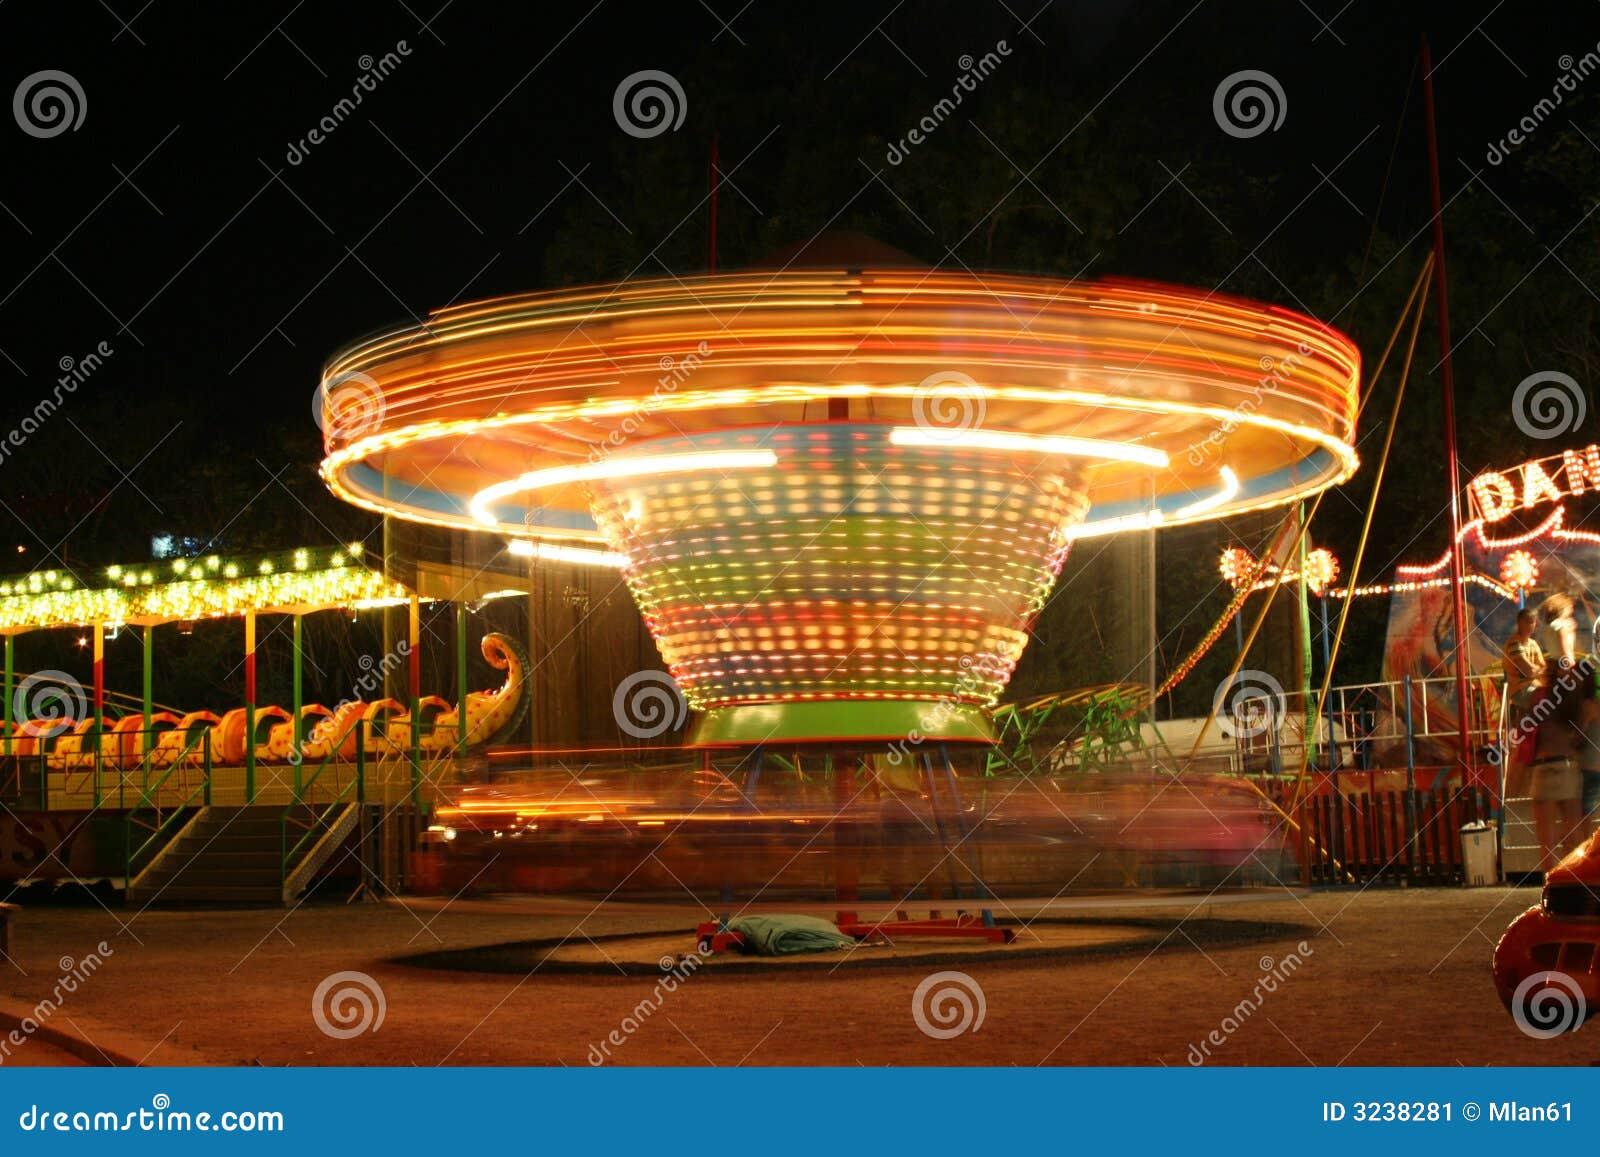 Photographing Carnival Rides At Night Carnival Rides At Nigh...